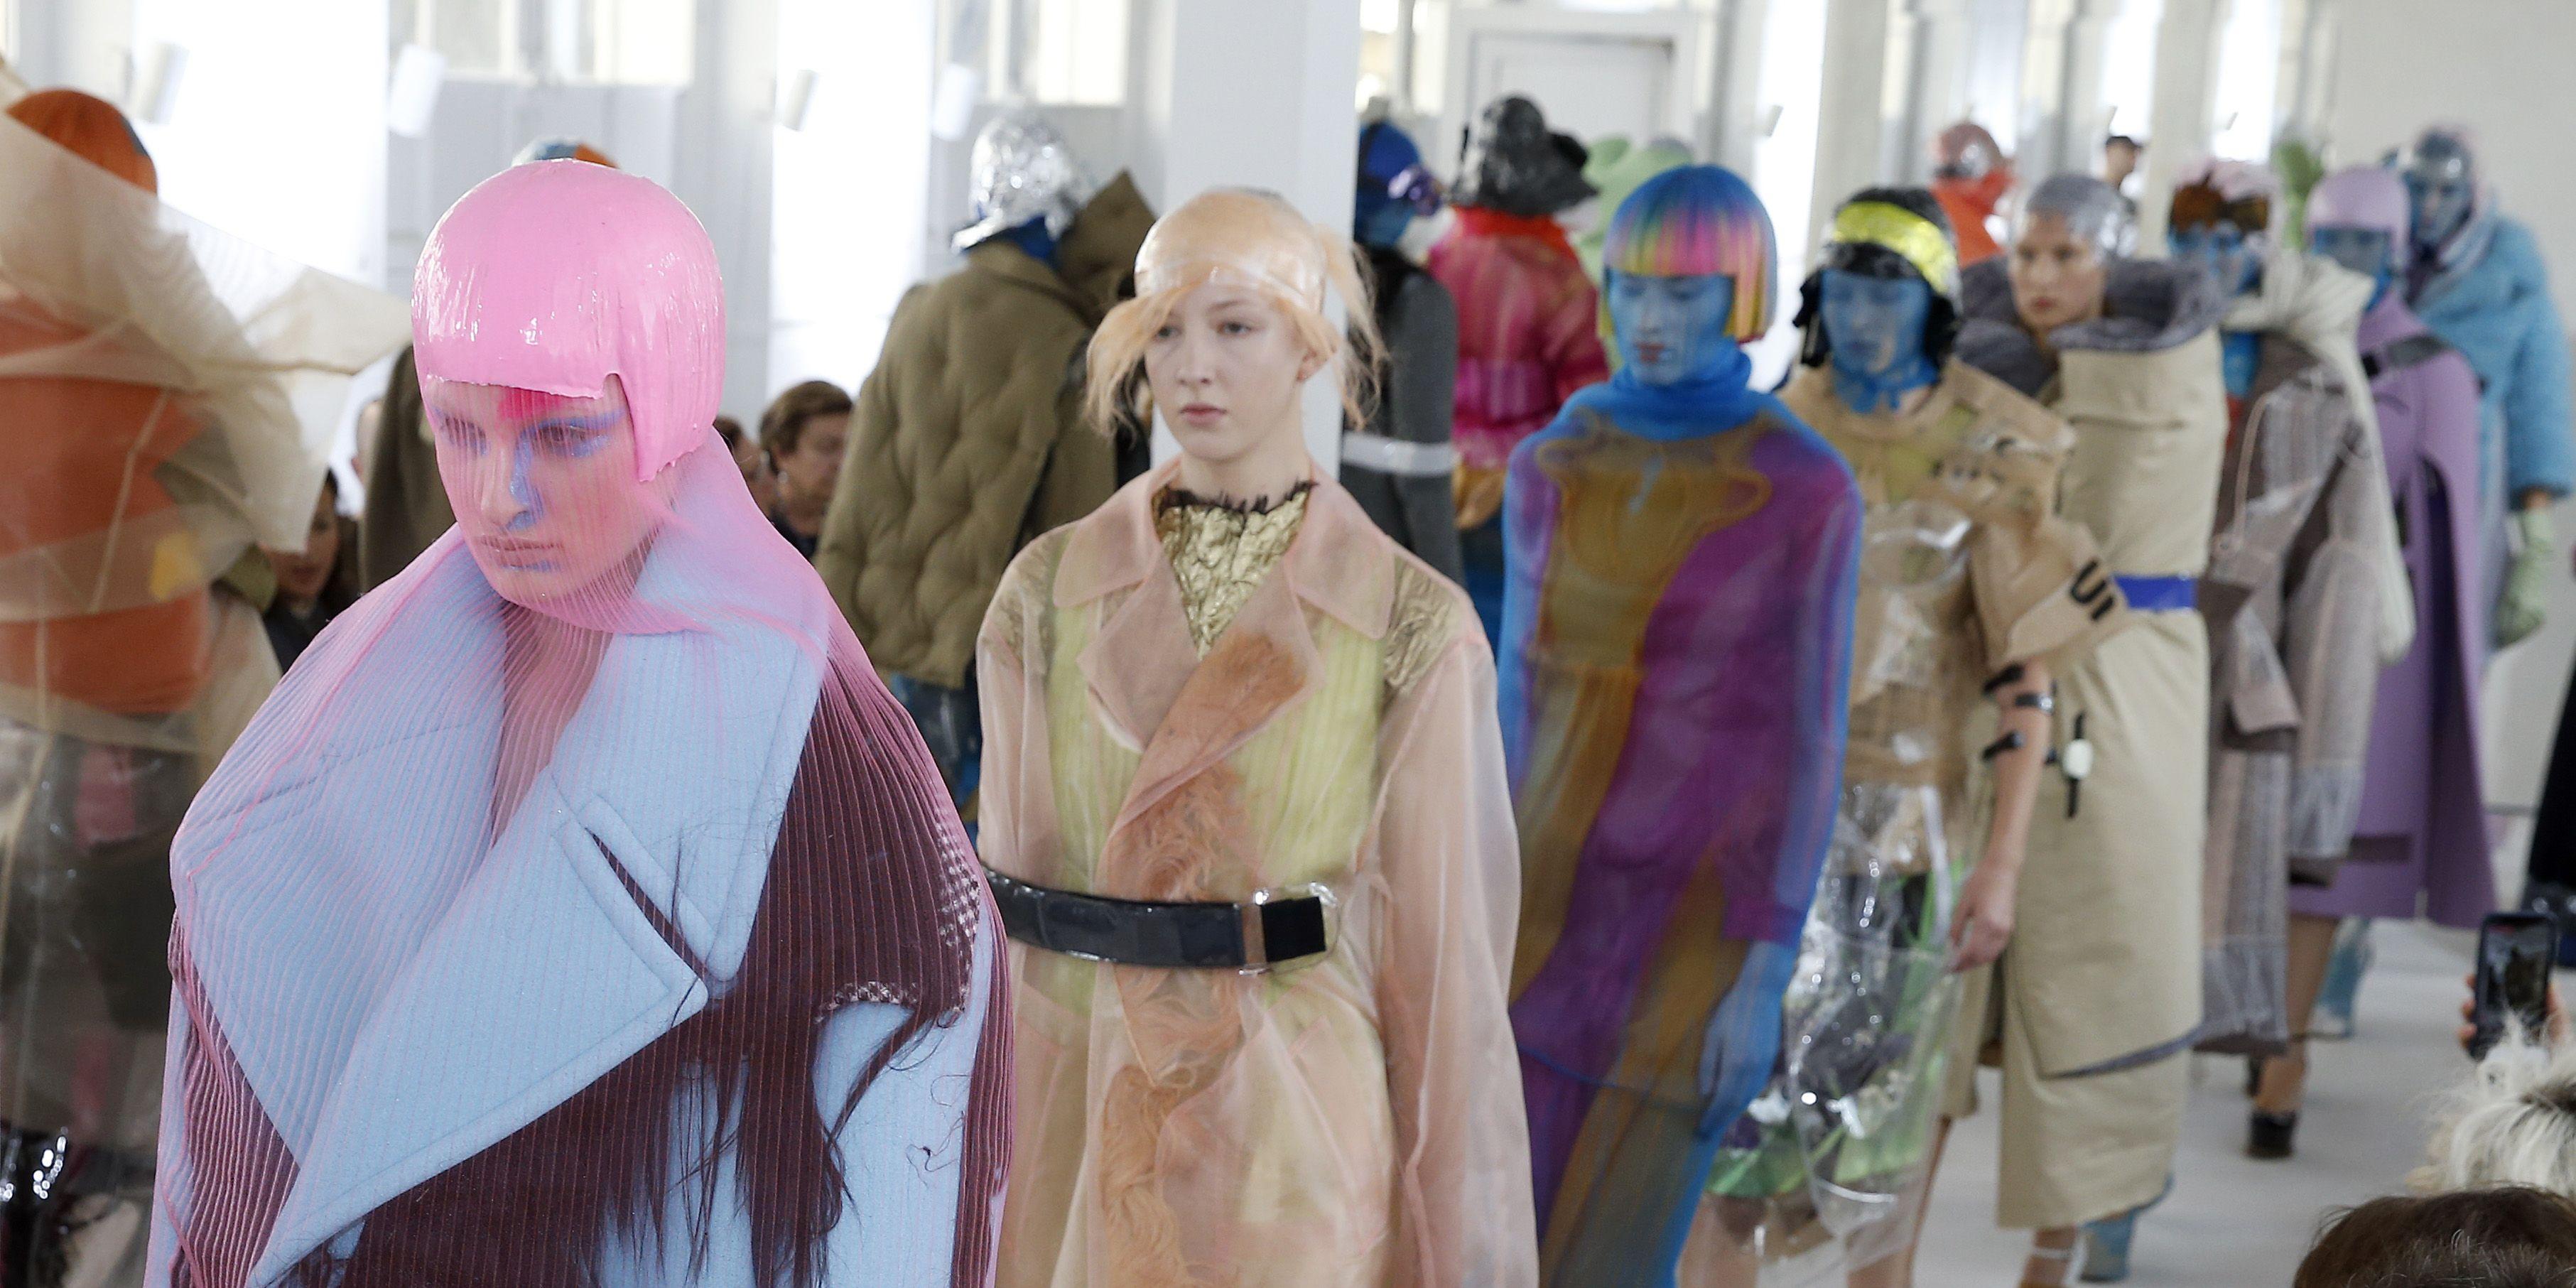 Margiela Fashion Week